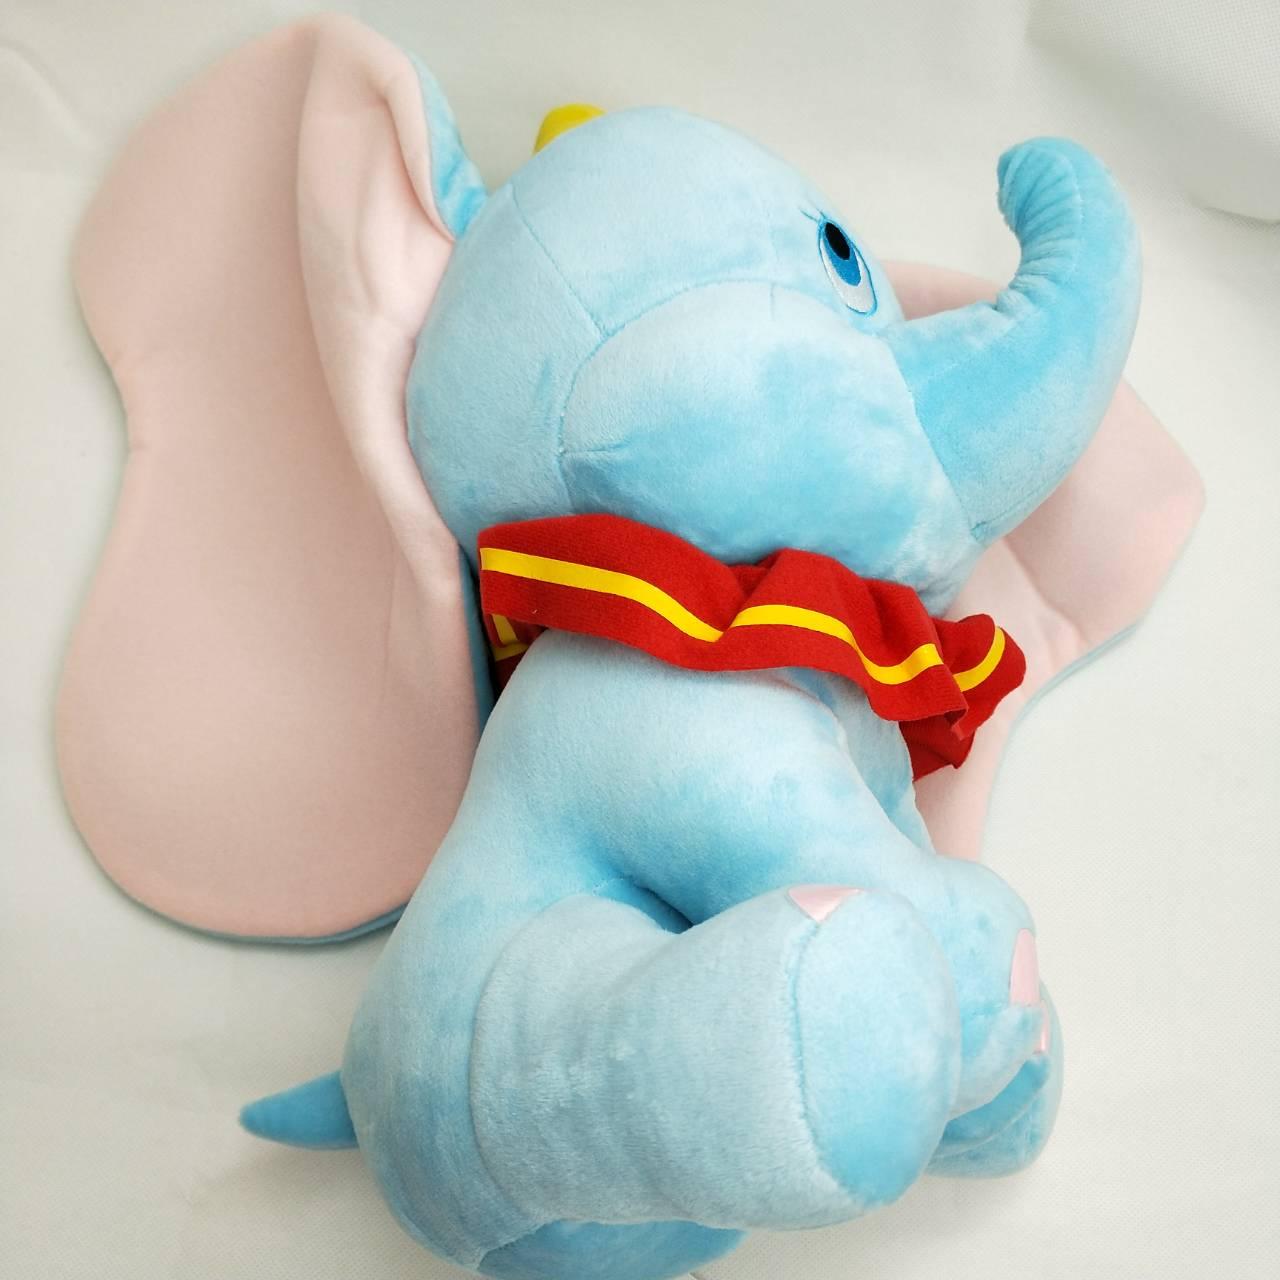 大賀屋 正版 小飛象 娃娃 枕頭 抱枕 頸枕 靠枕 玩具 玩具 迪士尼 午安枕 抱枕 T00120468